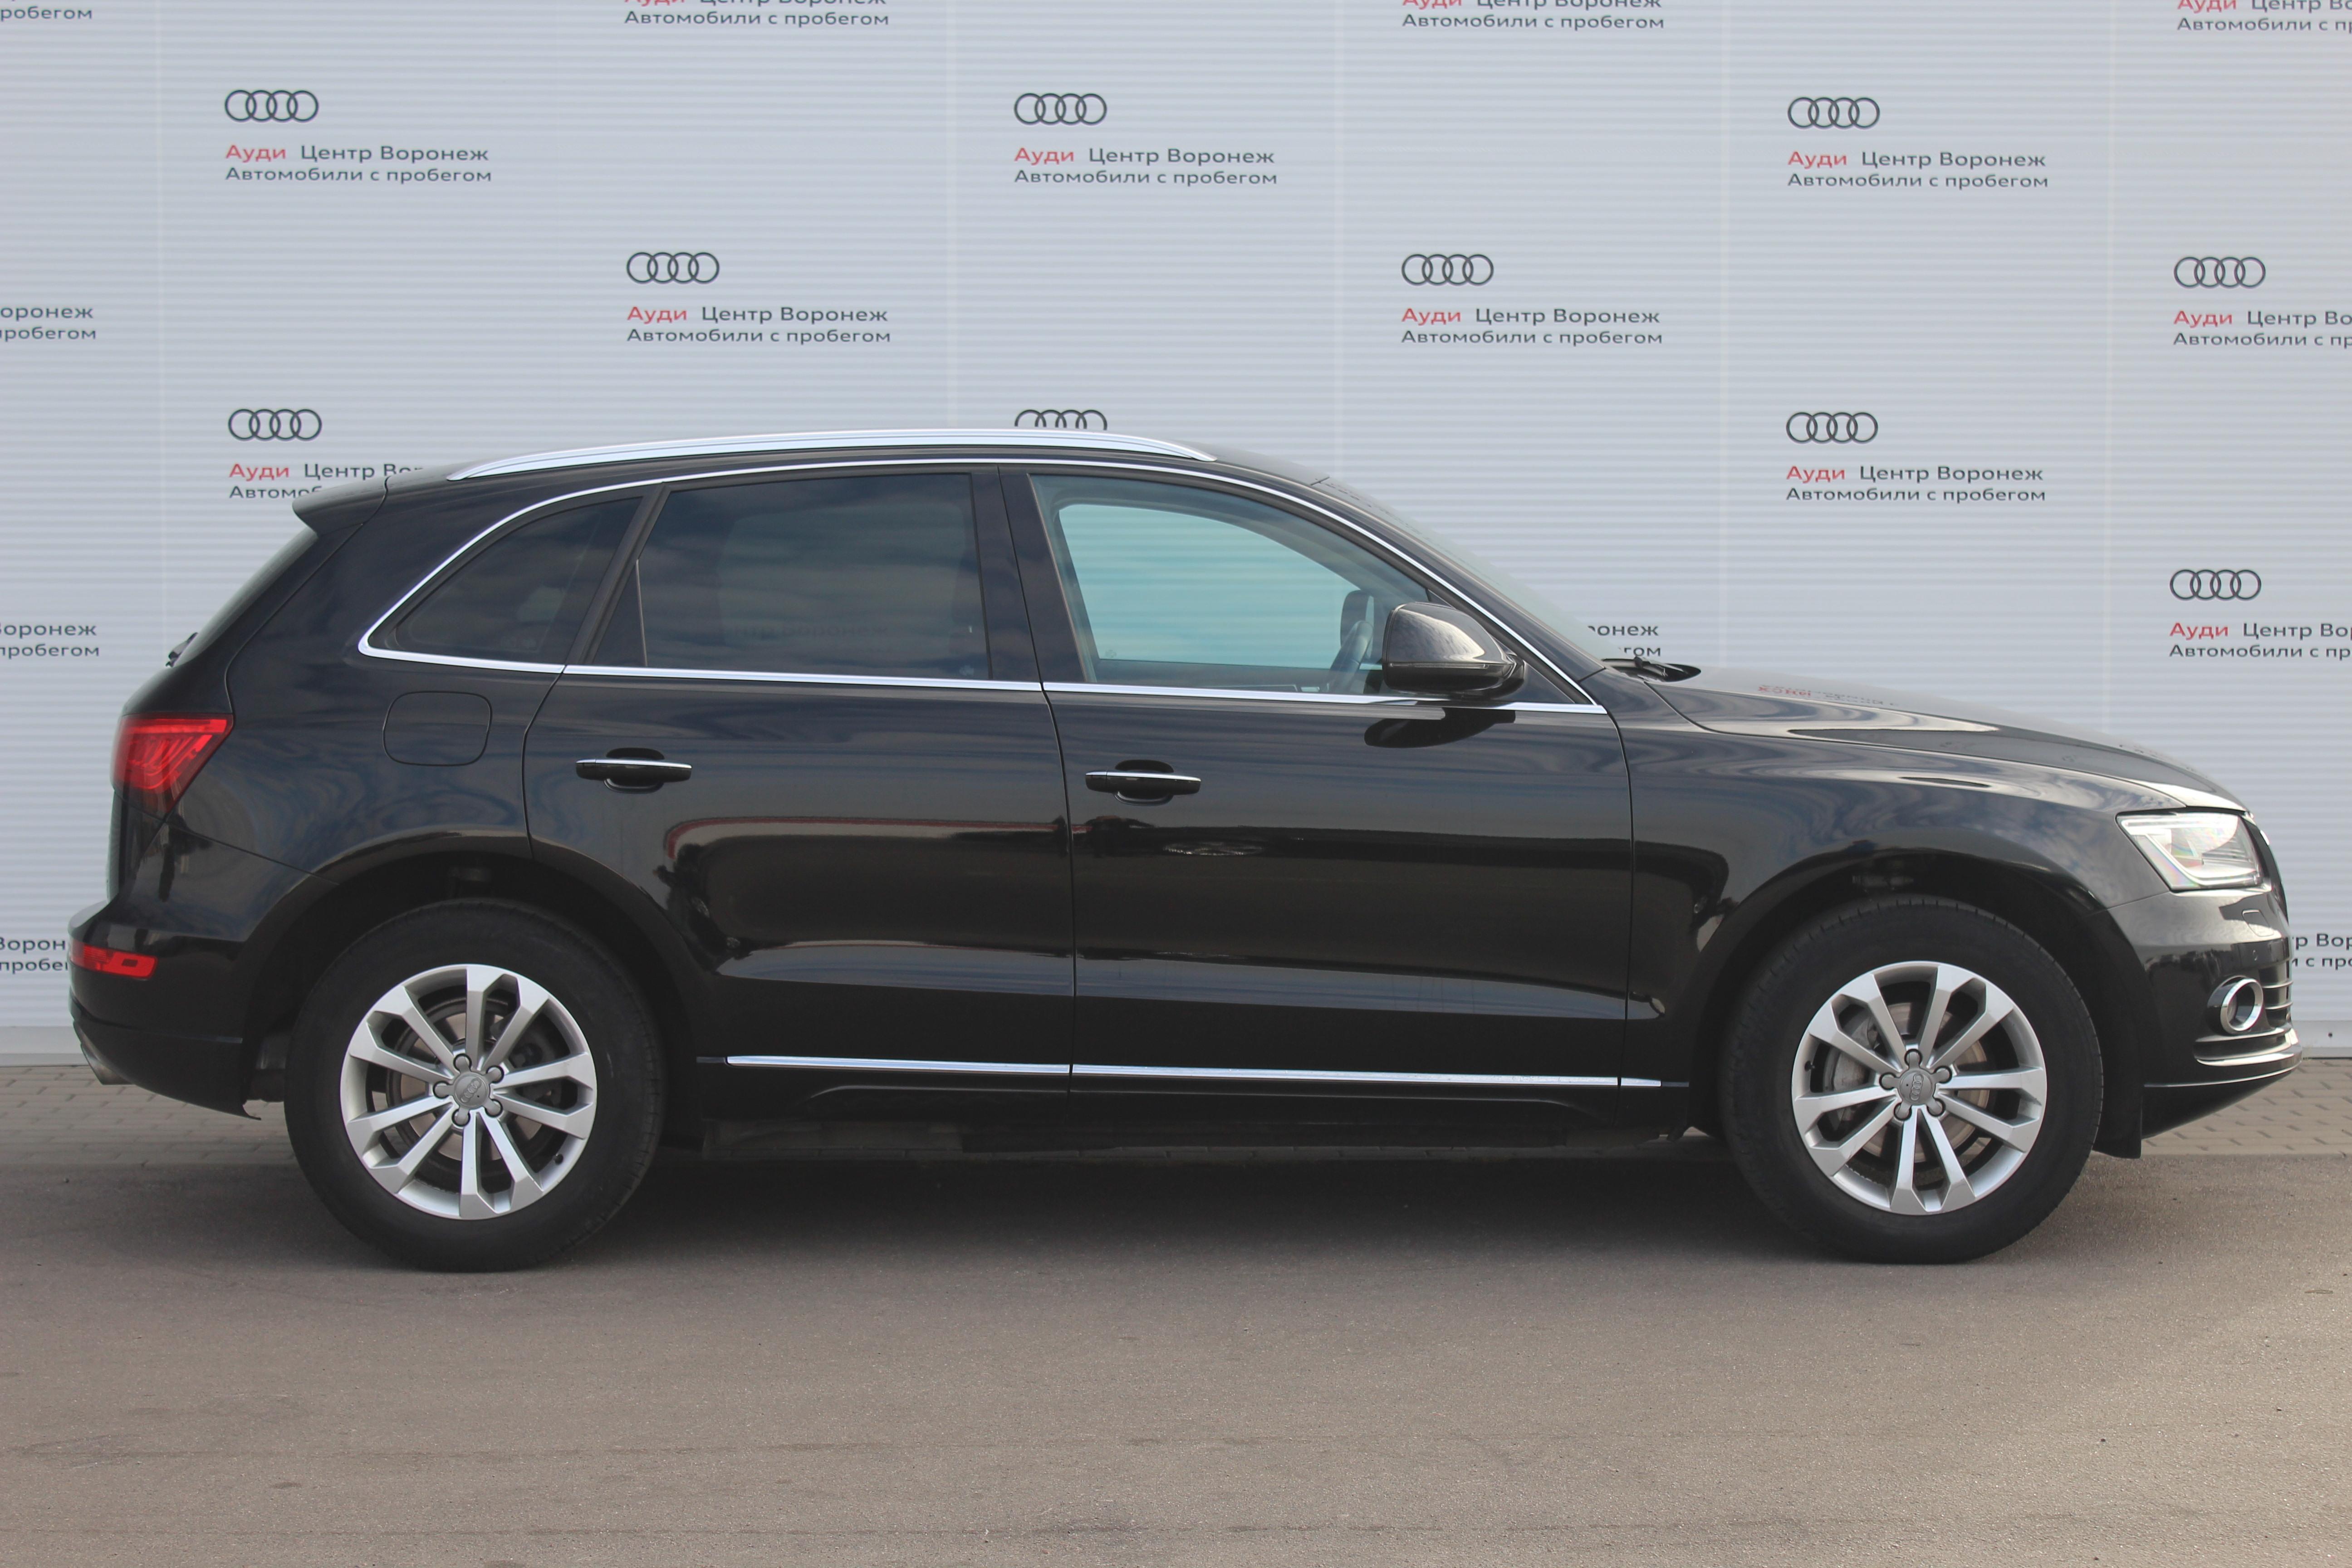 Audi Q5 Внедорожник (2015г.)